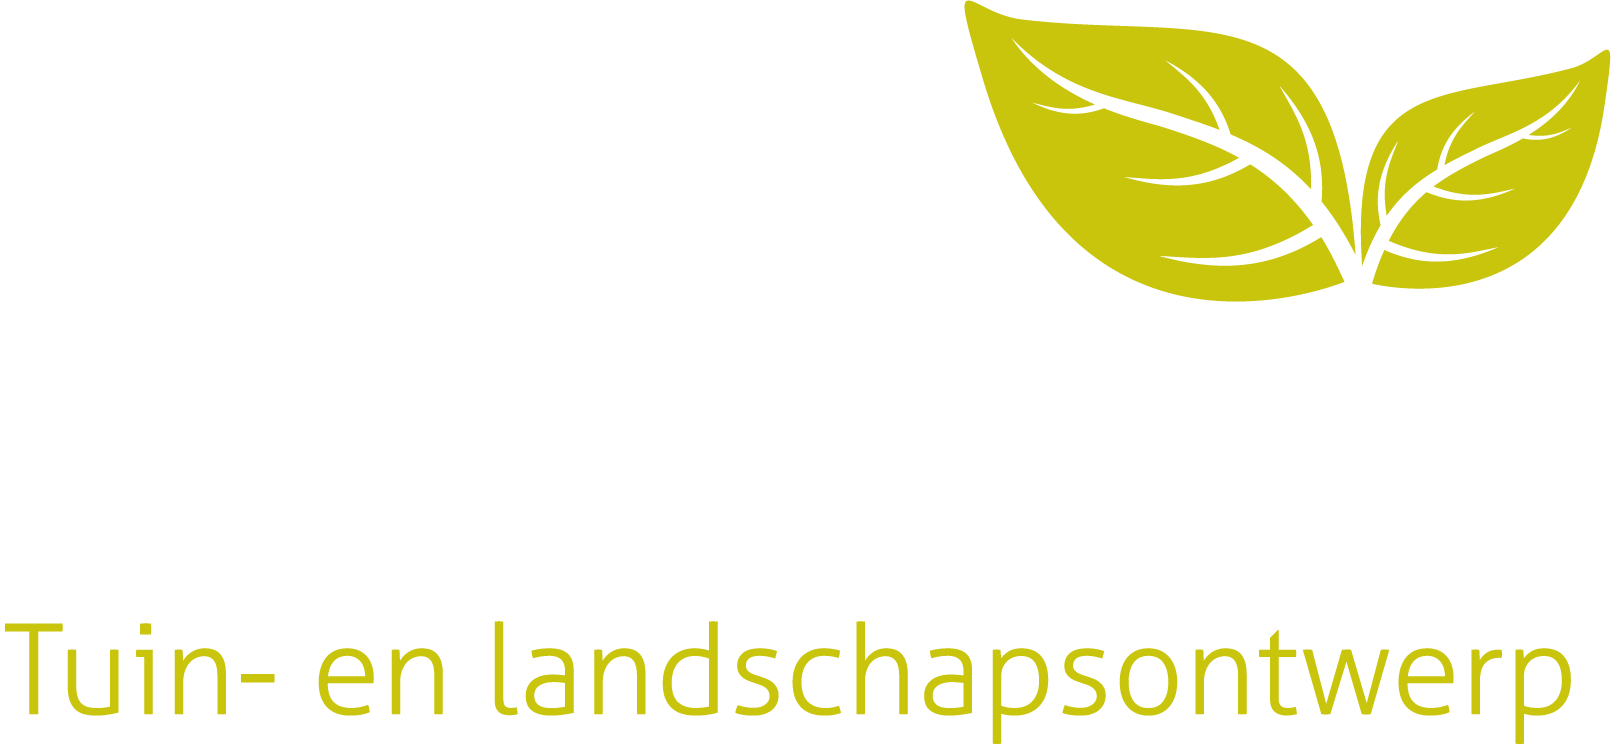 De Dooij Tuin- en landschapsontwerp